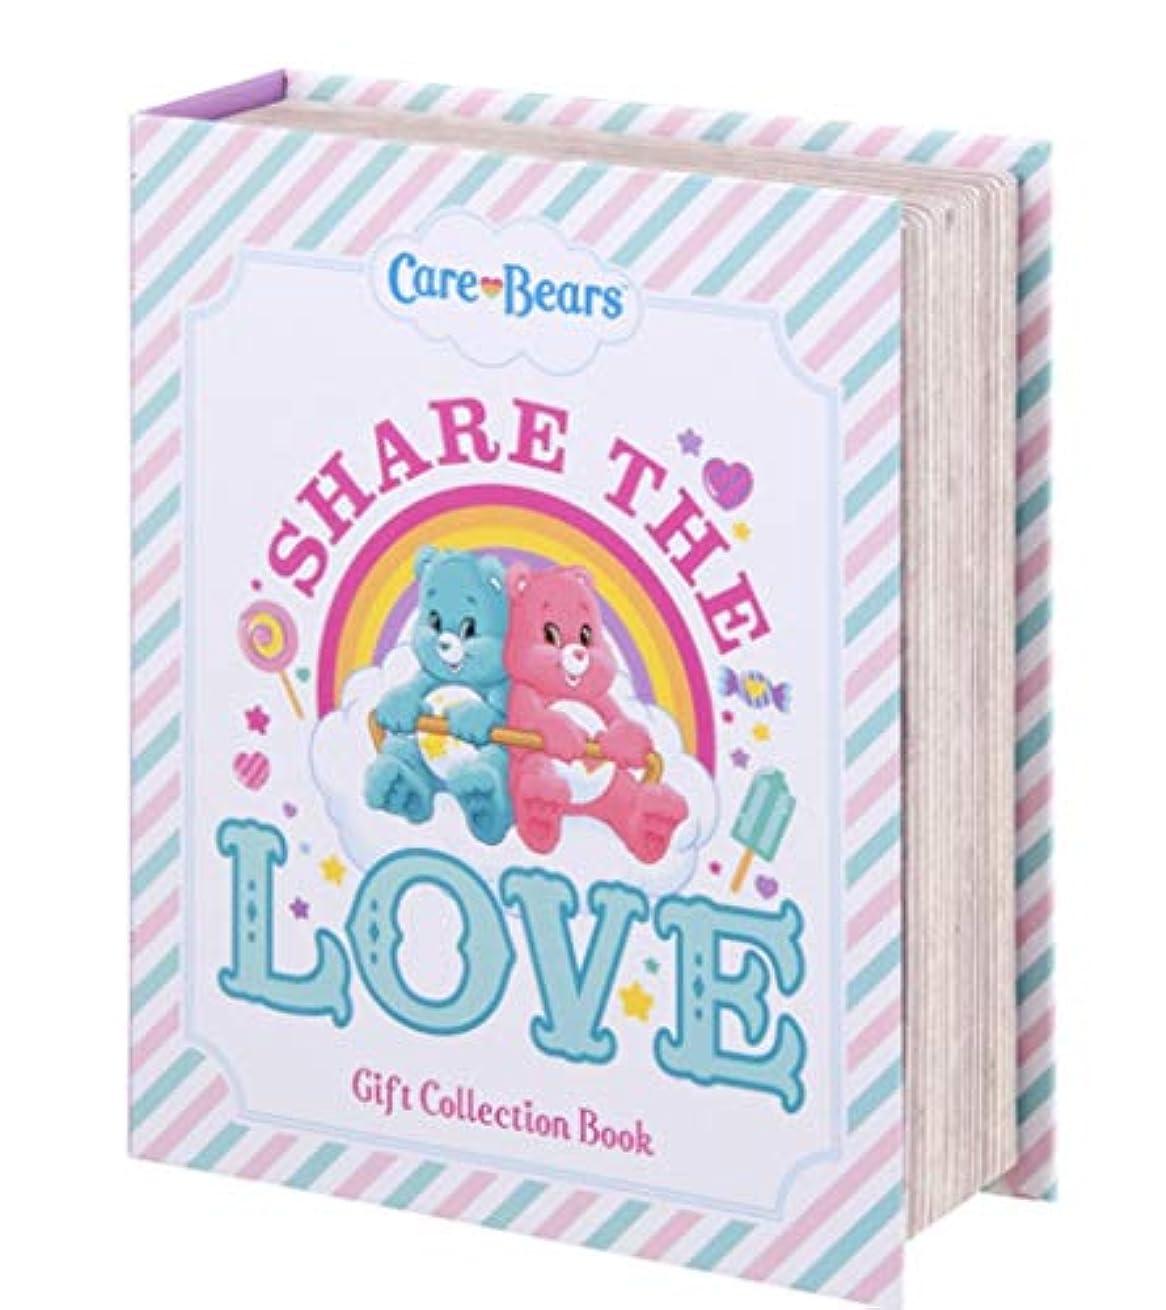 より平らな大きい逃すケアベア Care Bears ボディケア ギフトコレクションブック Gift Collection Book Body Care Coffret